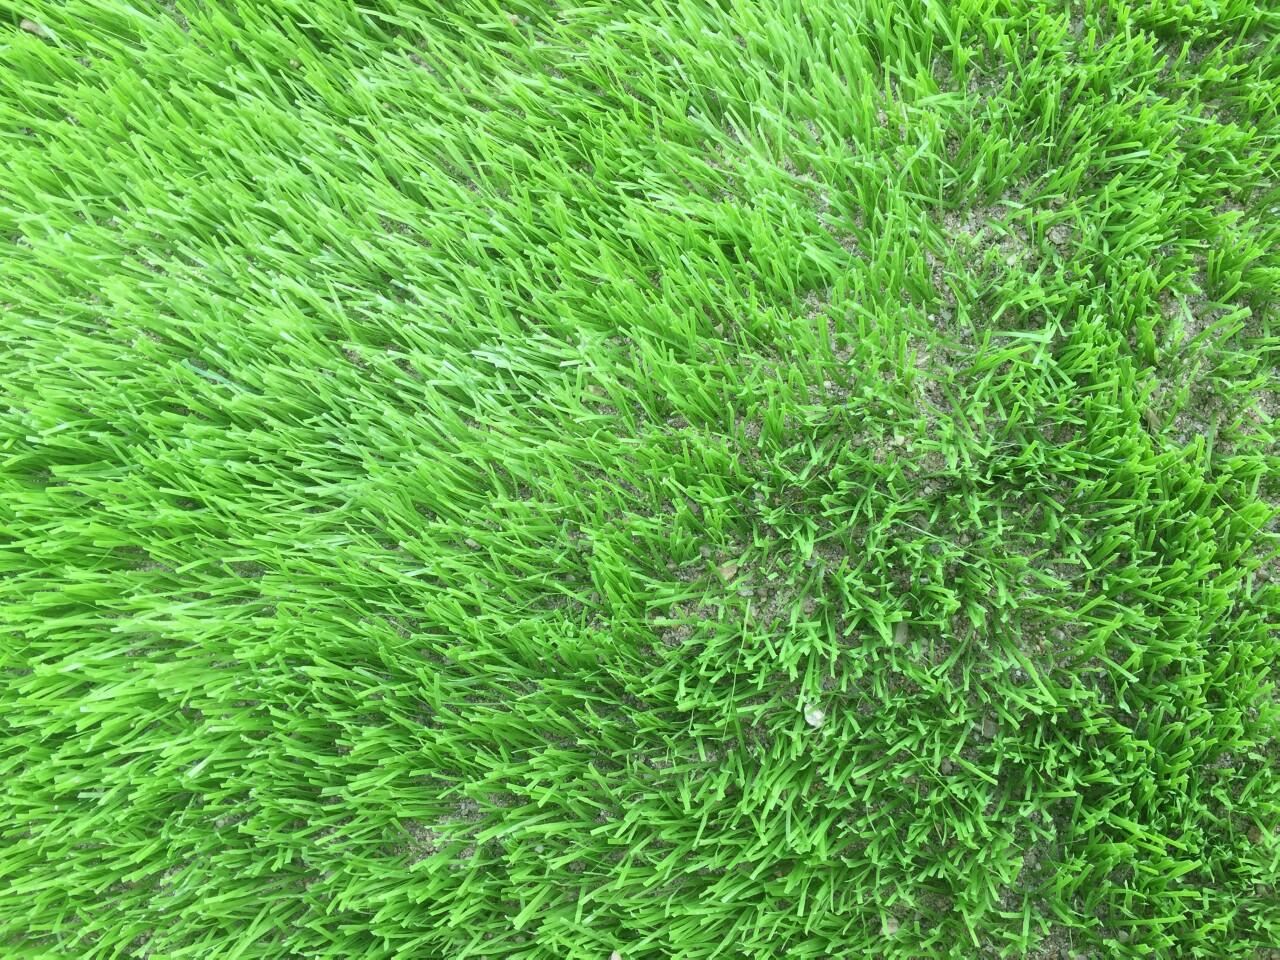 Dự án sân bóng đá cỏ nhân tạo tại Lai Châu 4